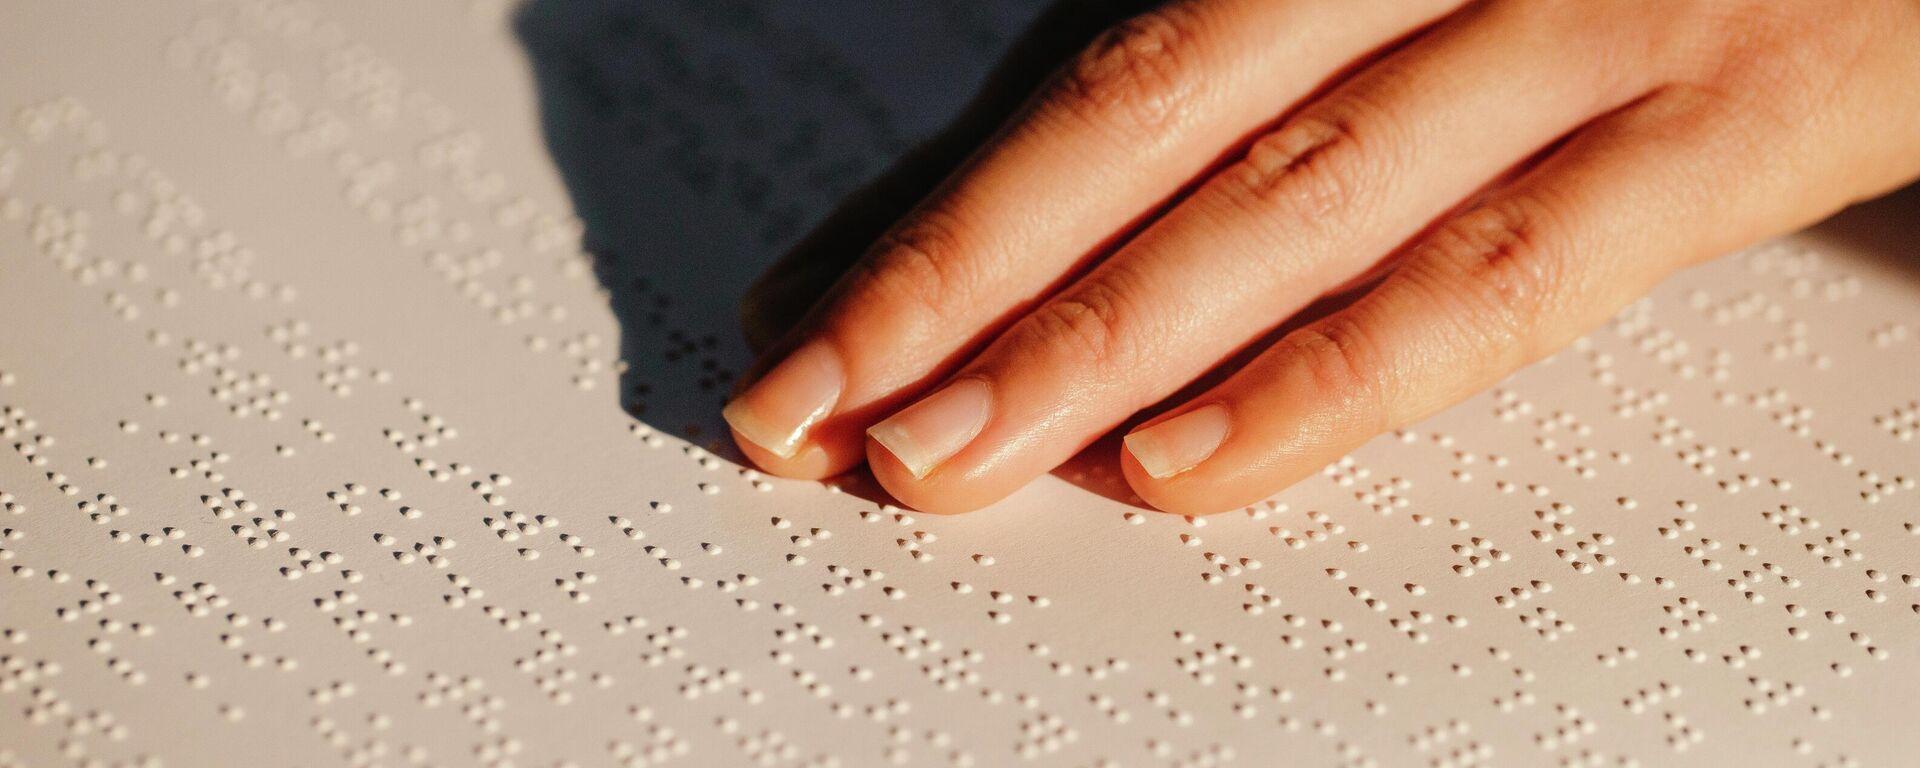 Una persona leyendo en braille - Sputnik Mundo, 1920, 01.10.2021